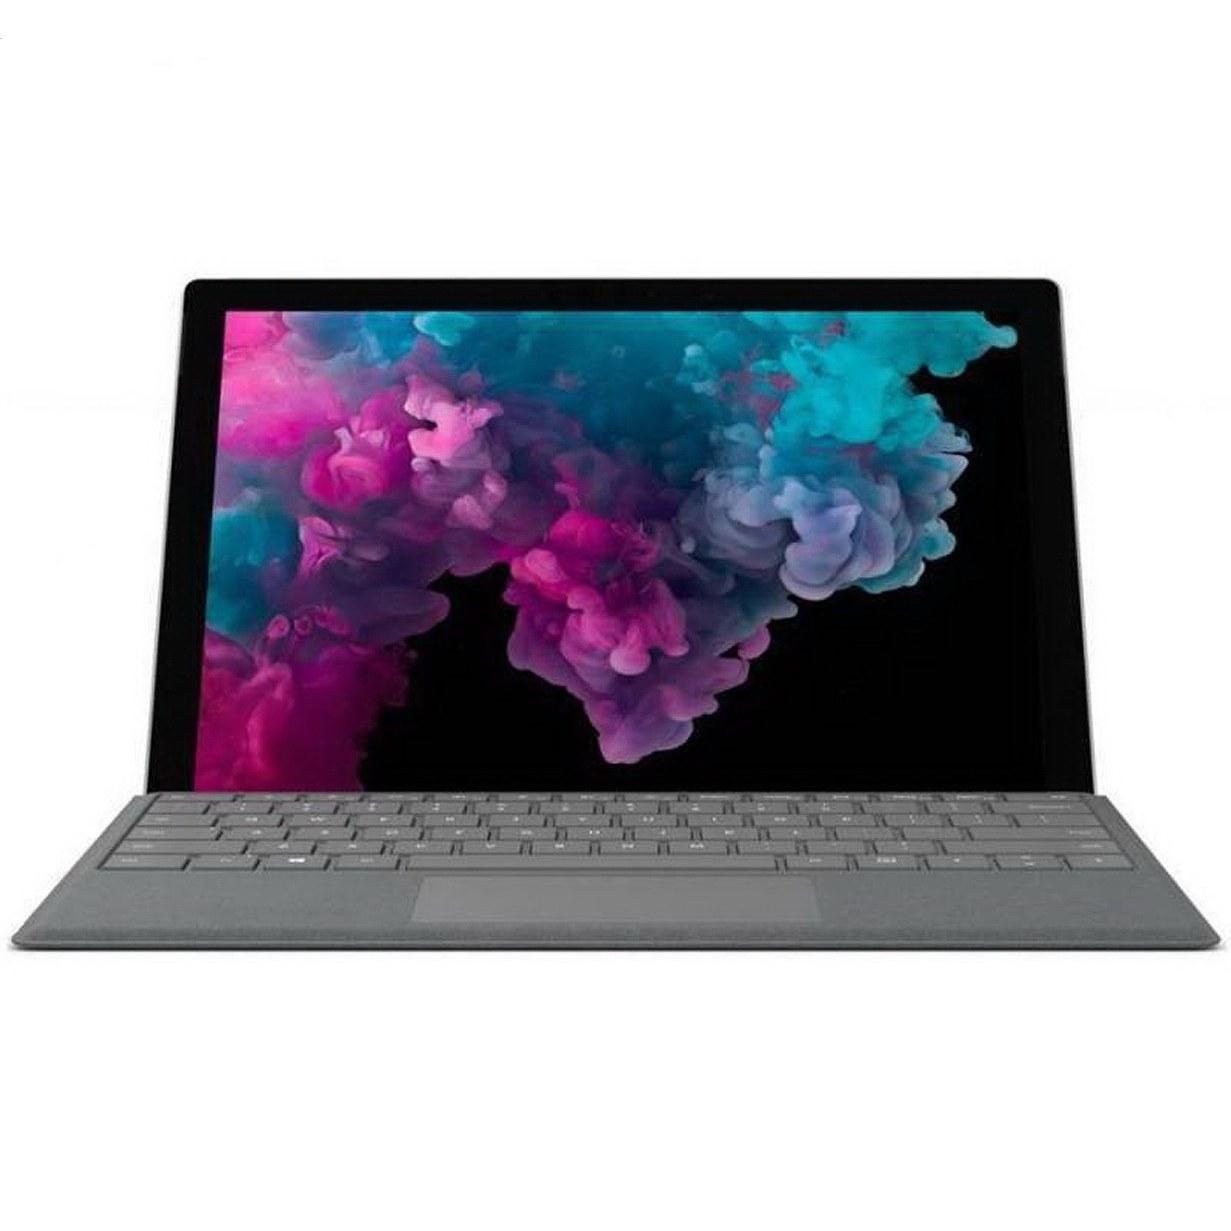 عکس تبلت مایکروسافت مدل Surface Pro 6 - DD به همراه کیبورد Signature  تبلت-مایکروسافت-مدل-surface-pro-6-dd-به-همراه-کیبورد-signature